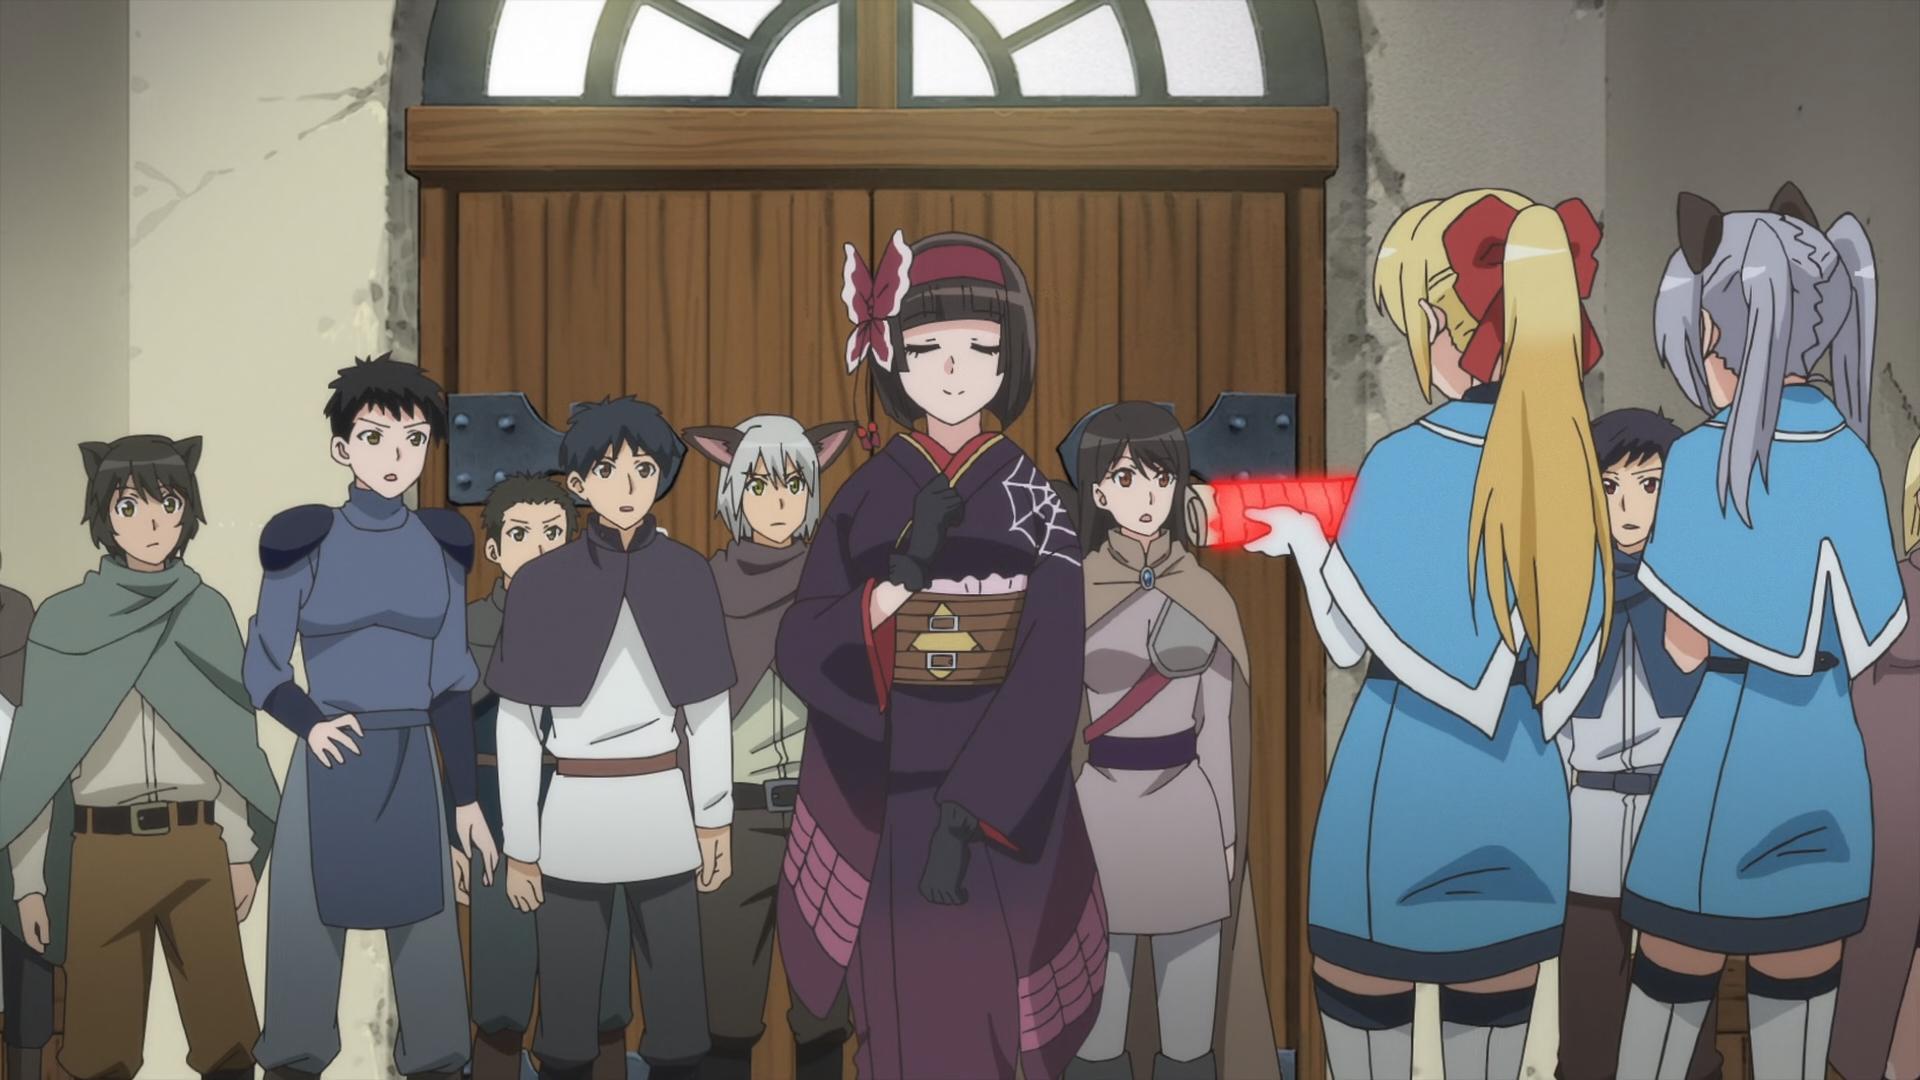 tsuki ga michibiku isekai douchuu episode 10 release date